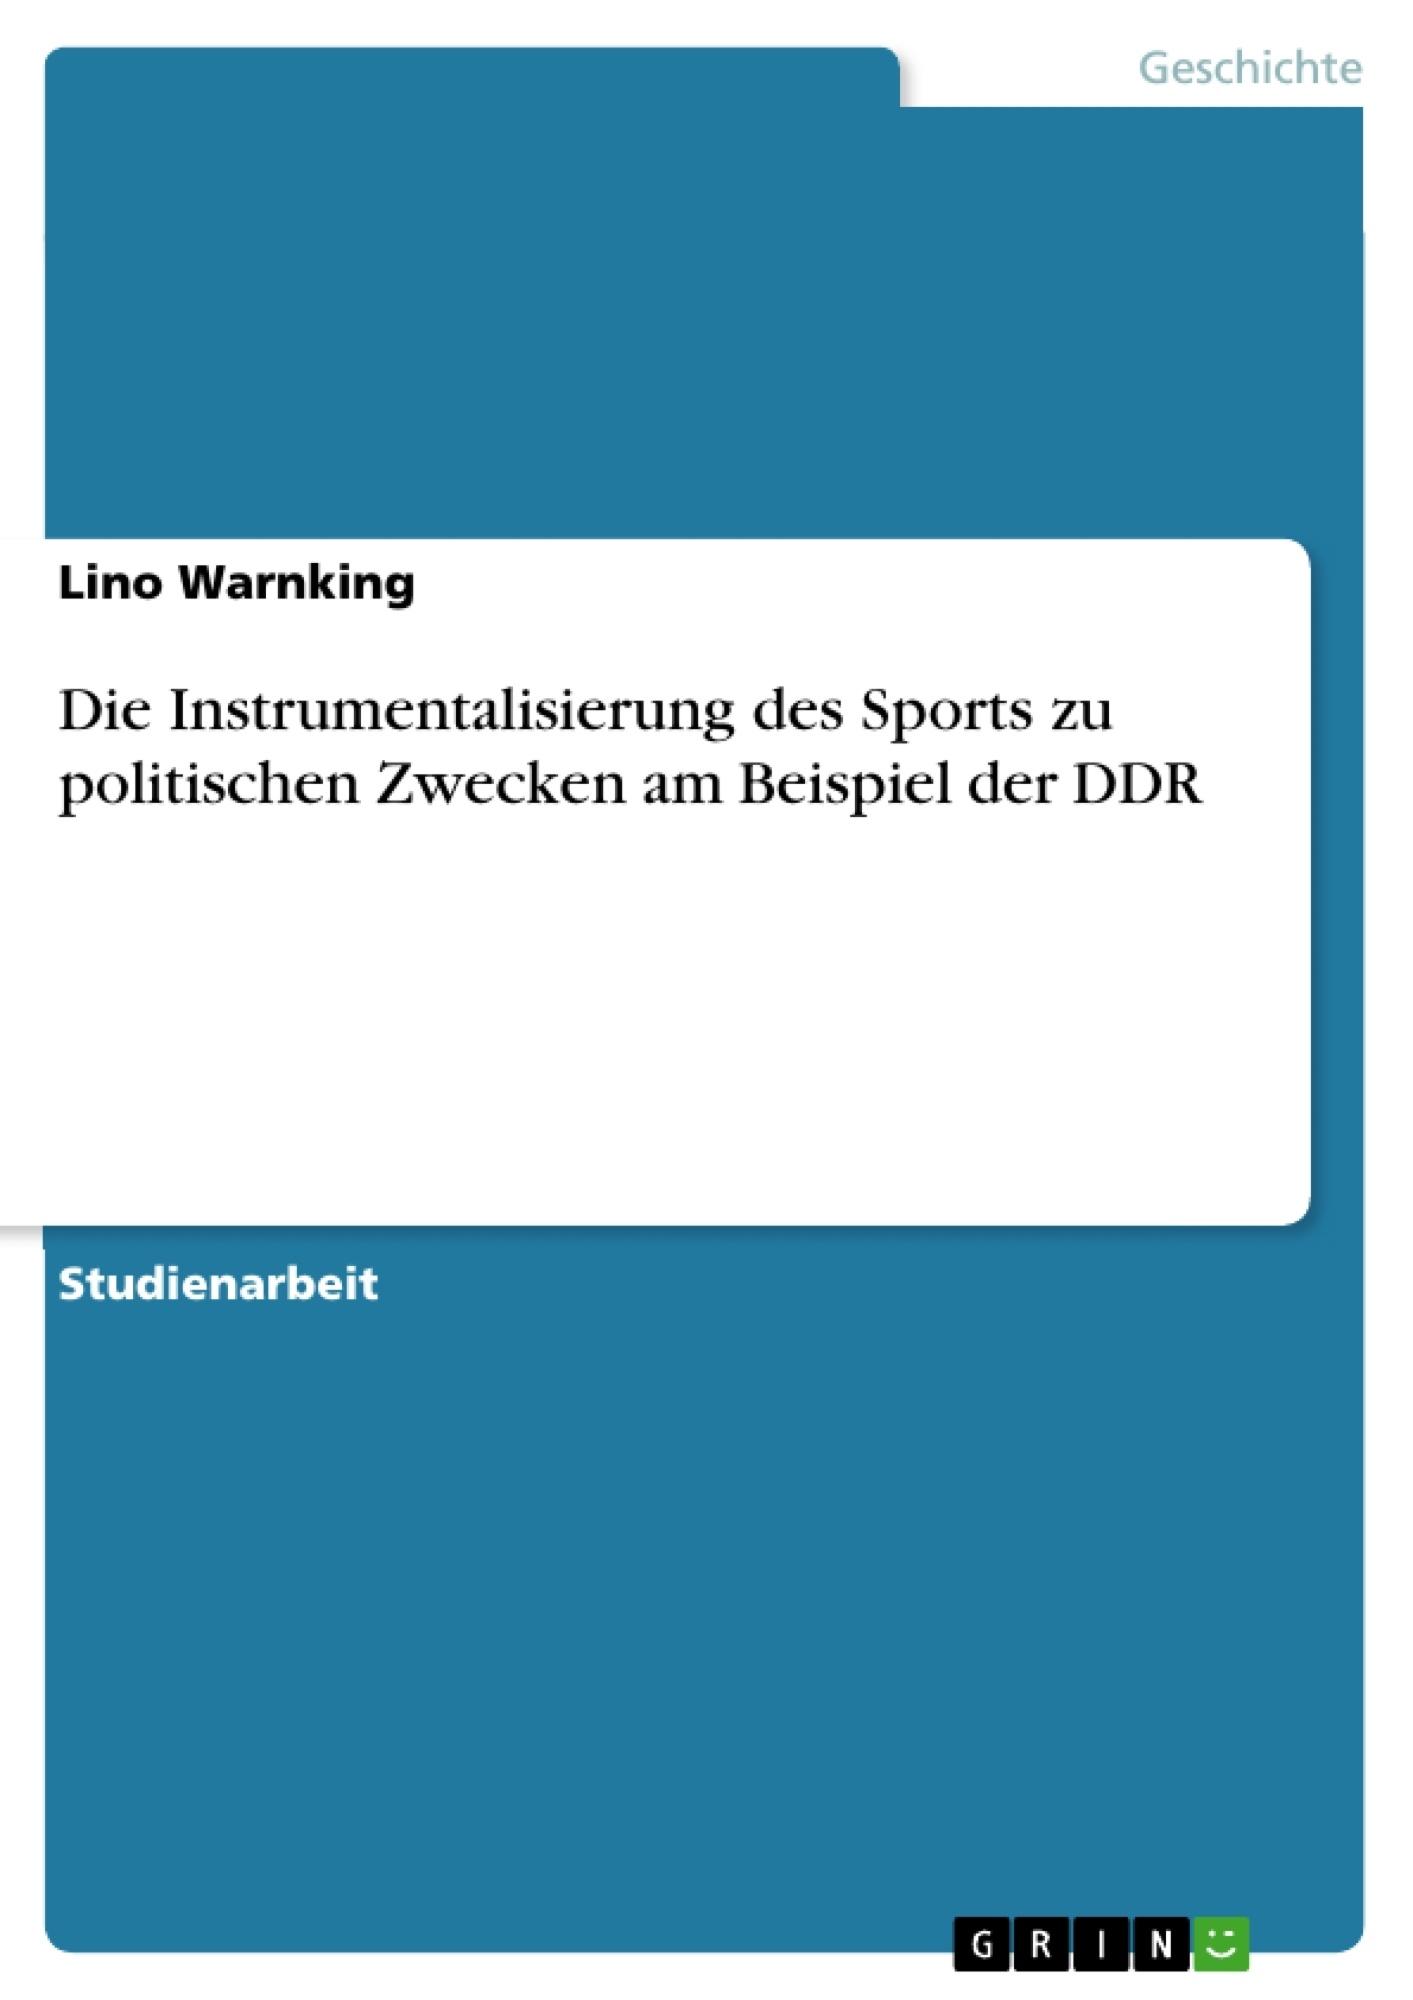 Titel: Die Instrumentalisierung des Sports zu politischen Zwecken am Beispiel der DDR